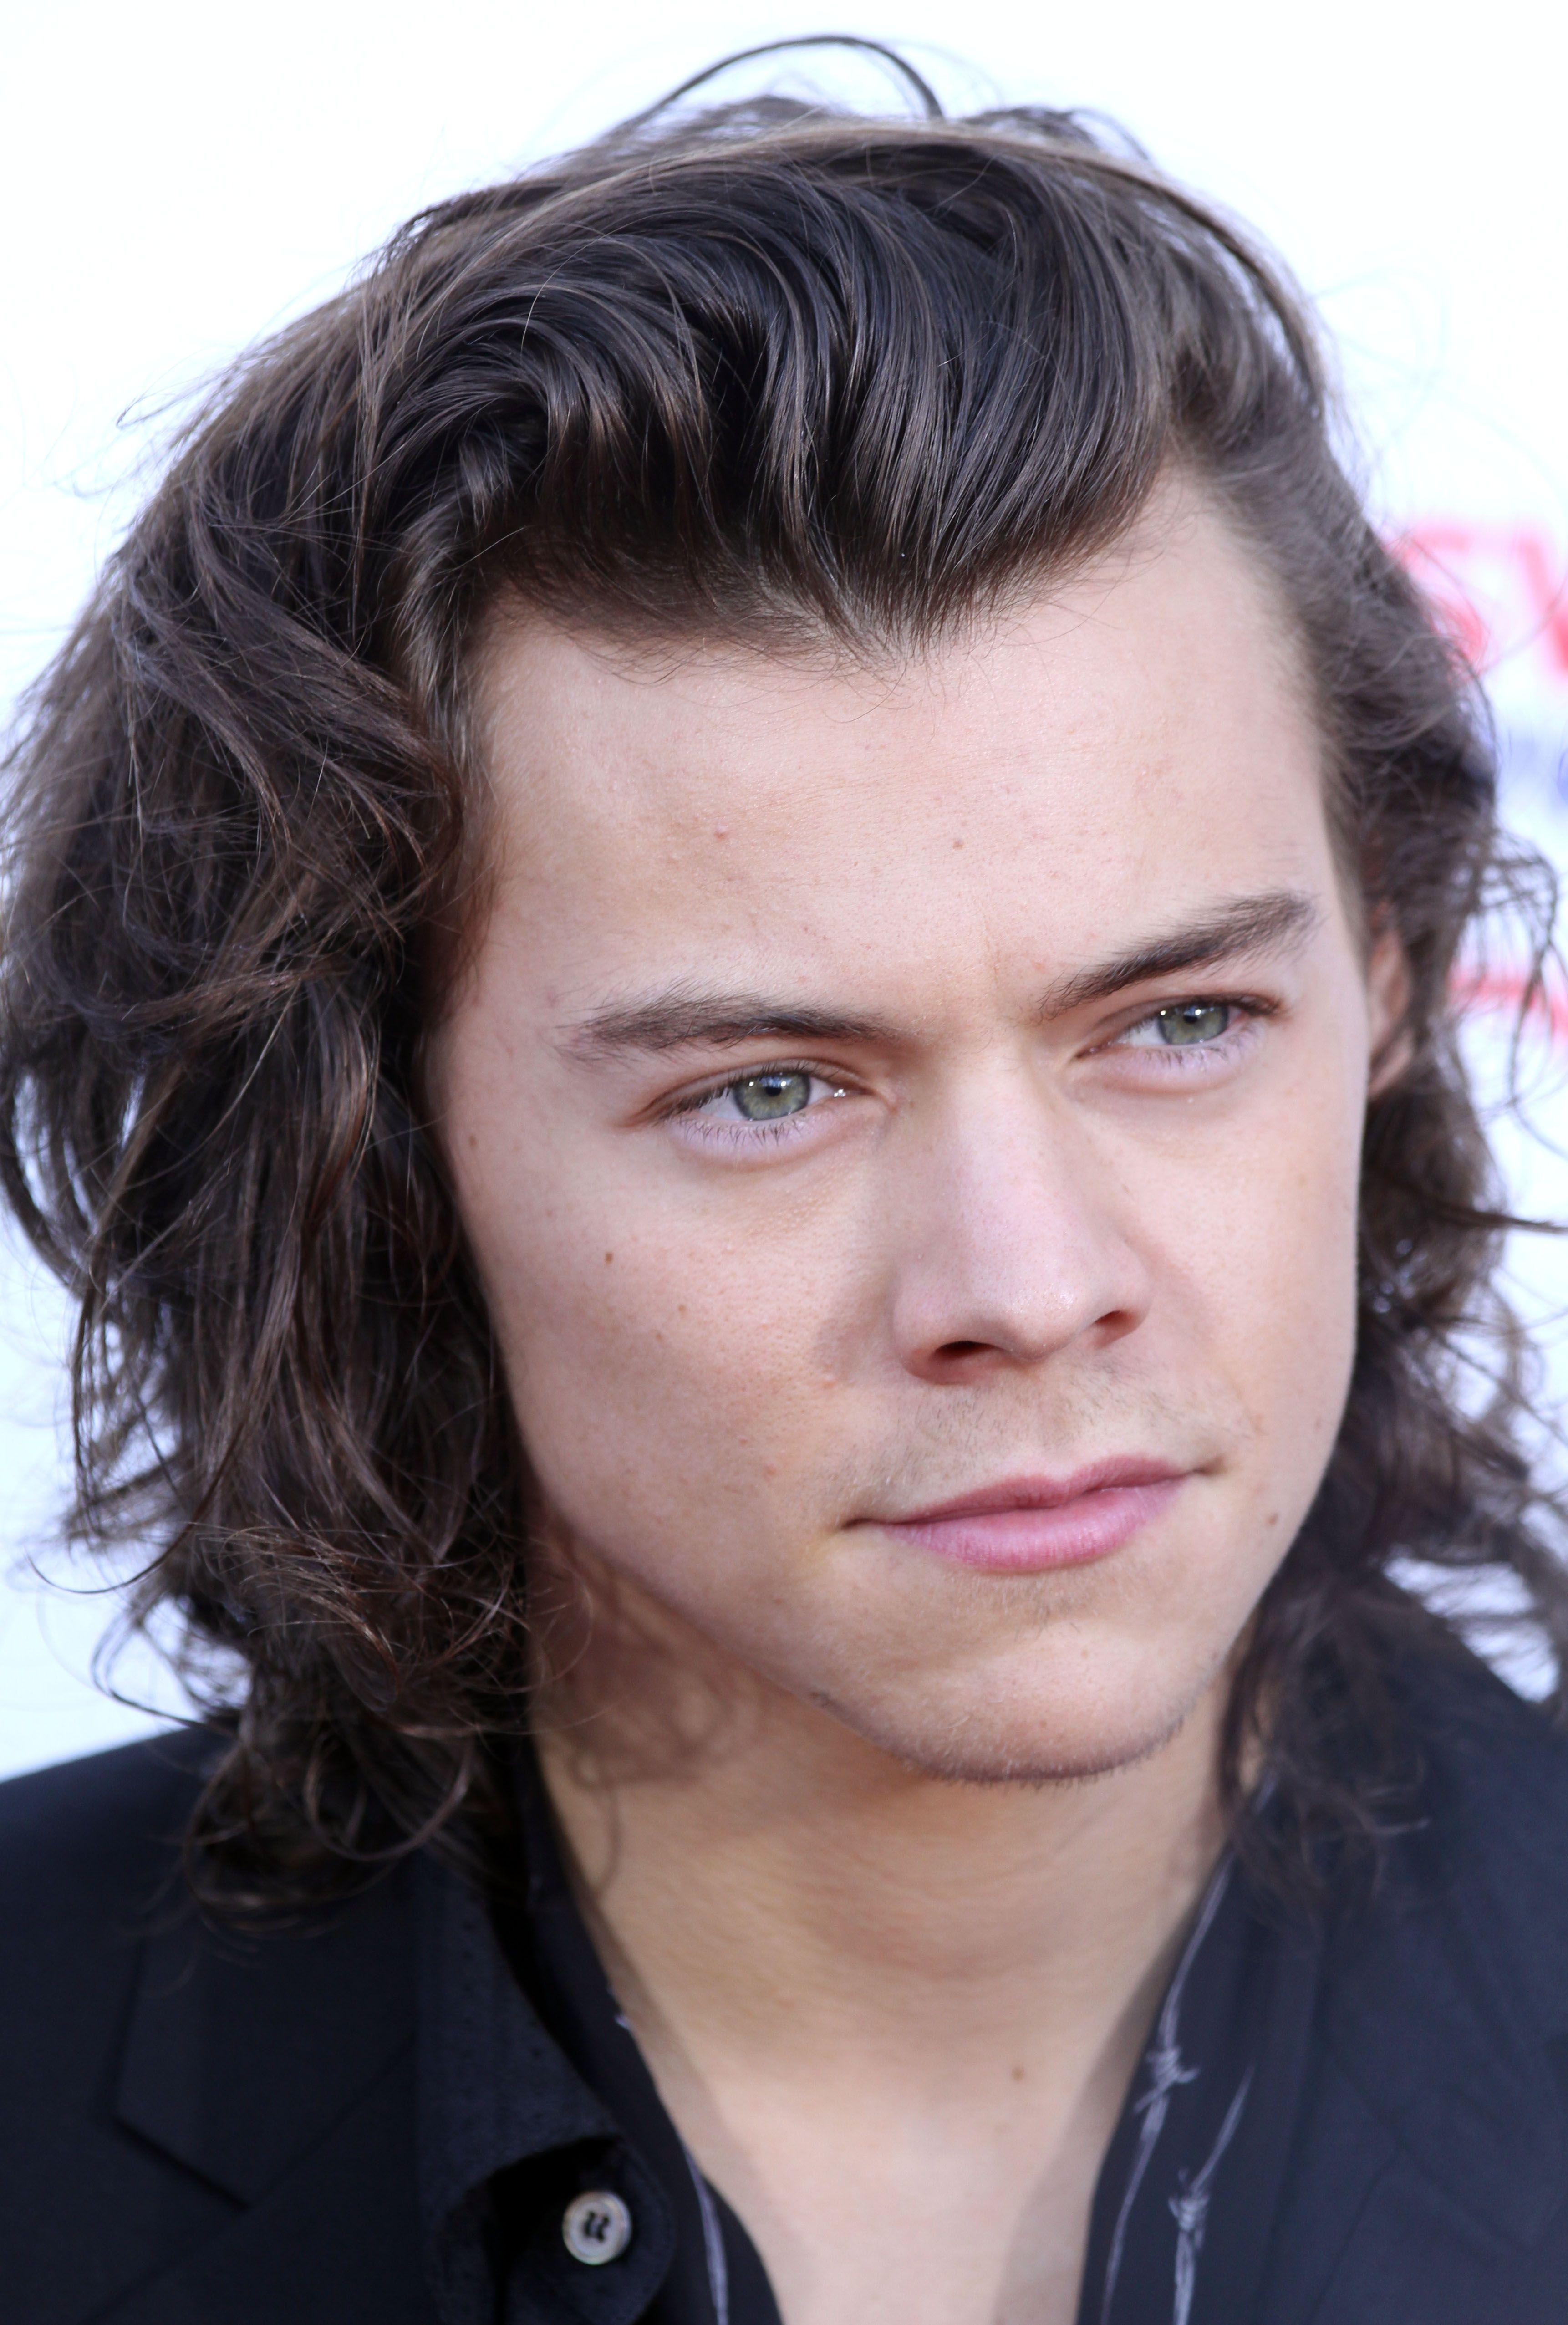 Het ziet er niet goed uit voor de fans van One Direction… Harry Styles heeft een nieuwe platendeal getekend bij Columbia Records.